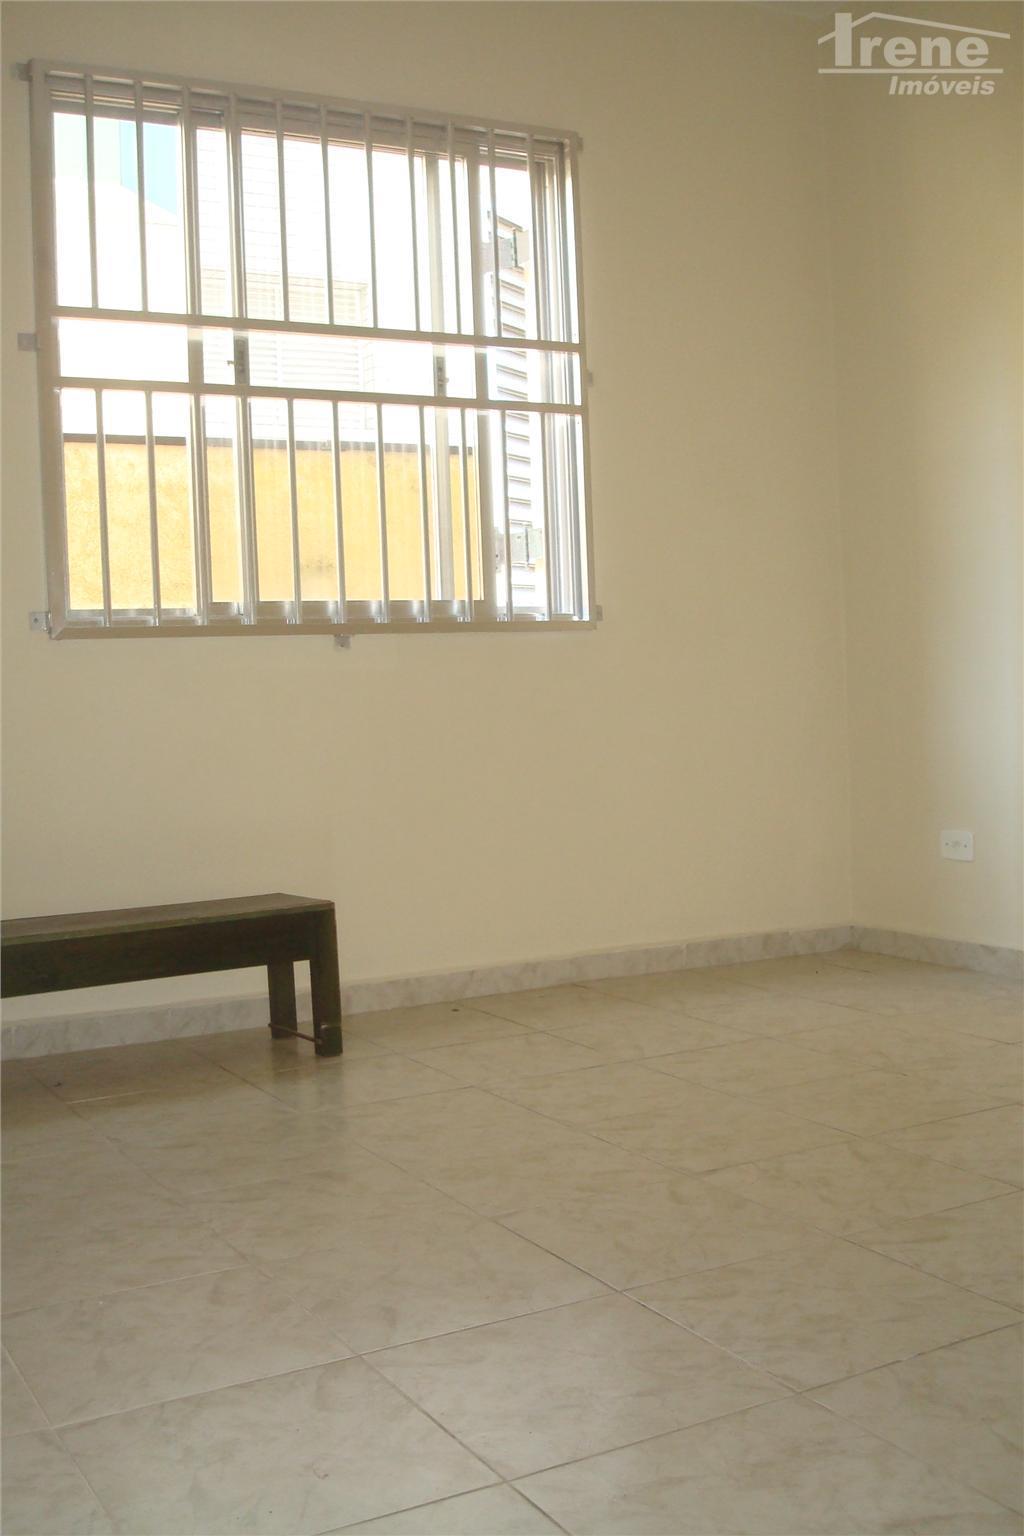 para locação definitiva!!!apartamento no centro da cidade em uma excelente localização!01 dormitório, banheiro, sala cozinha ,lavanderia...